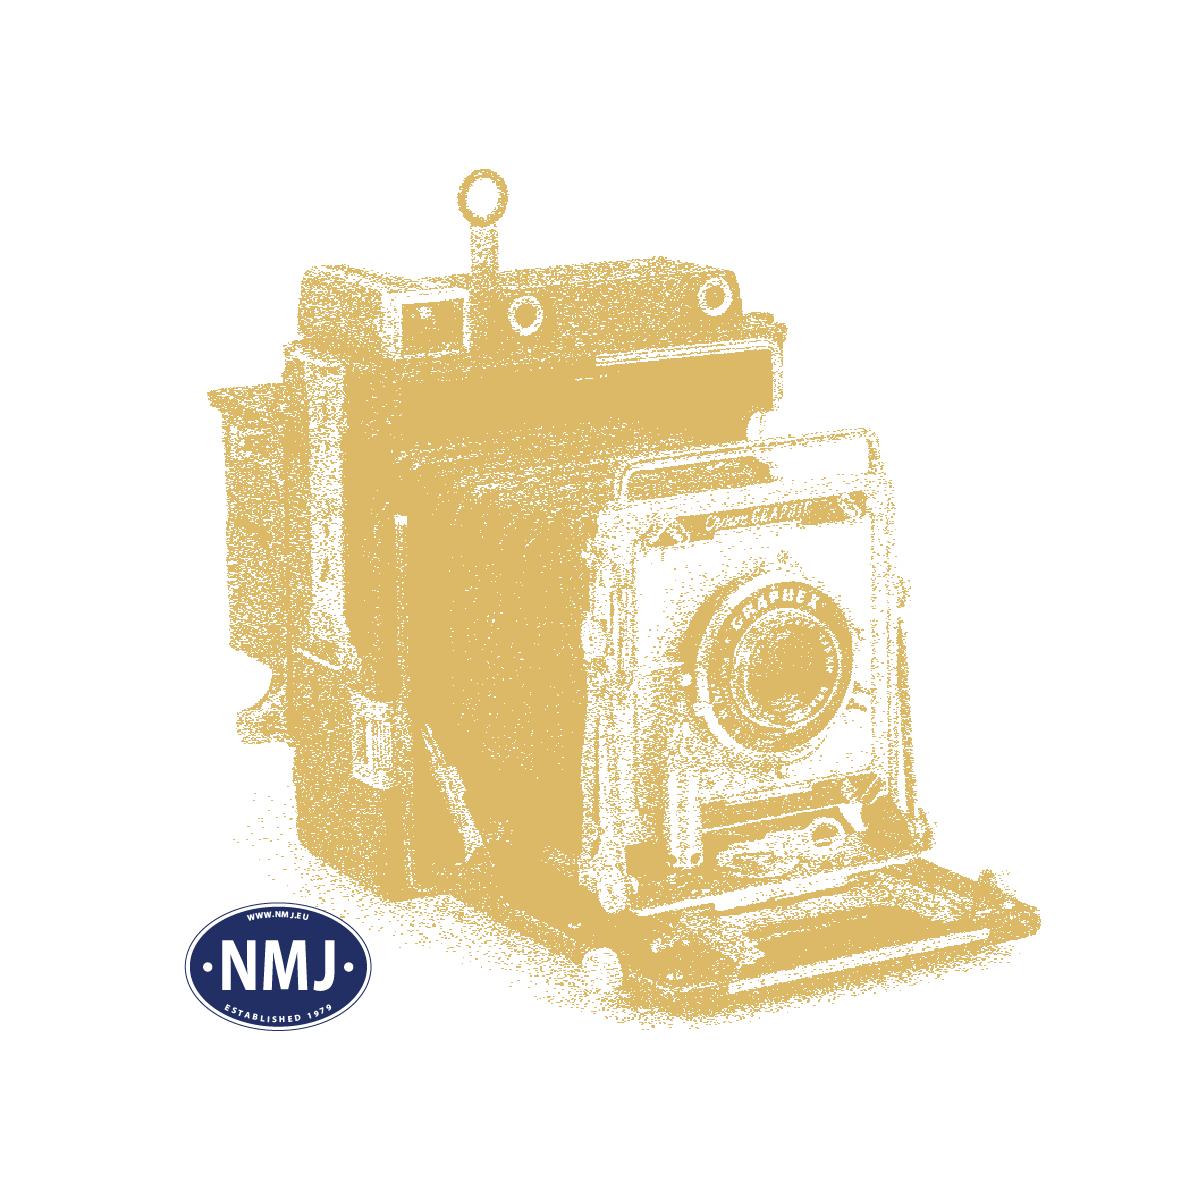 MIG8300 - Ammo by Mig Jimenez Katalog, Engelsk